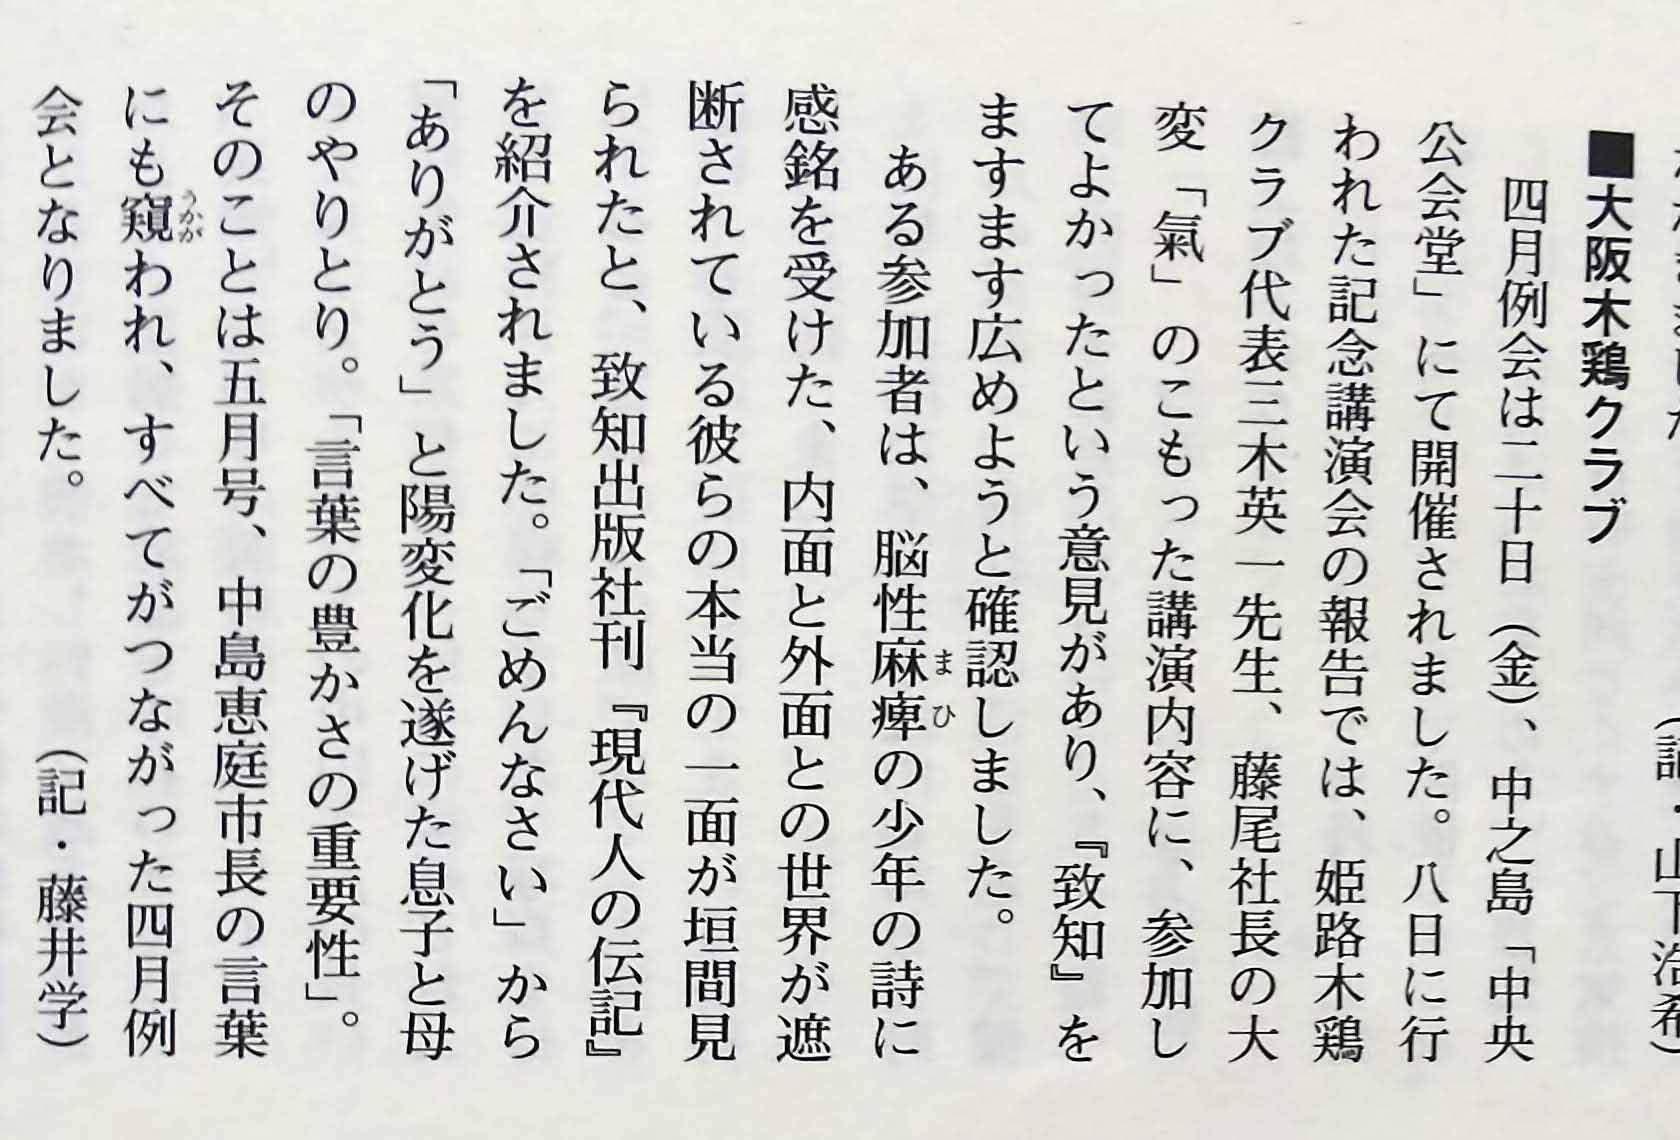 2007年4月木鶏通信大阪ごめんんさいねお母さんの詩